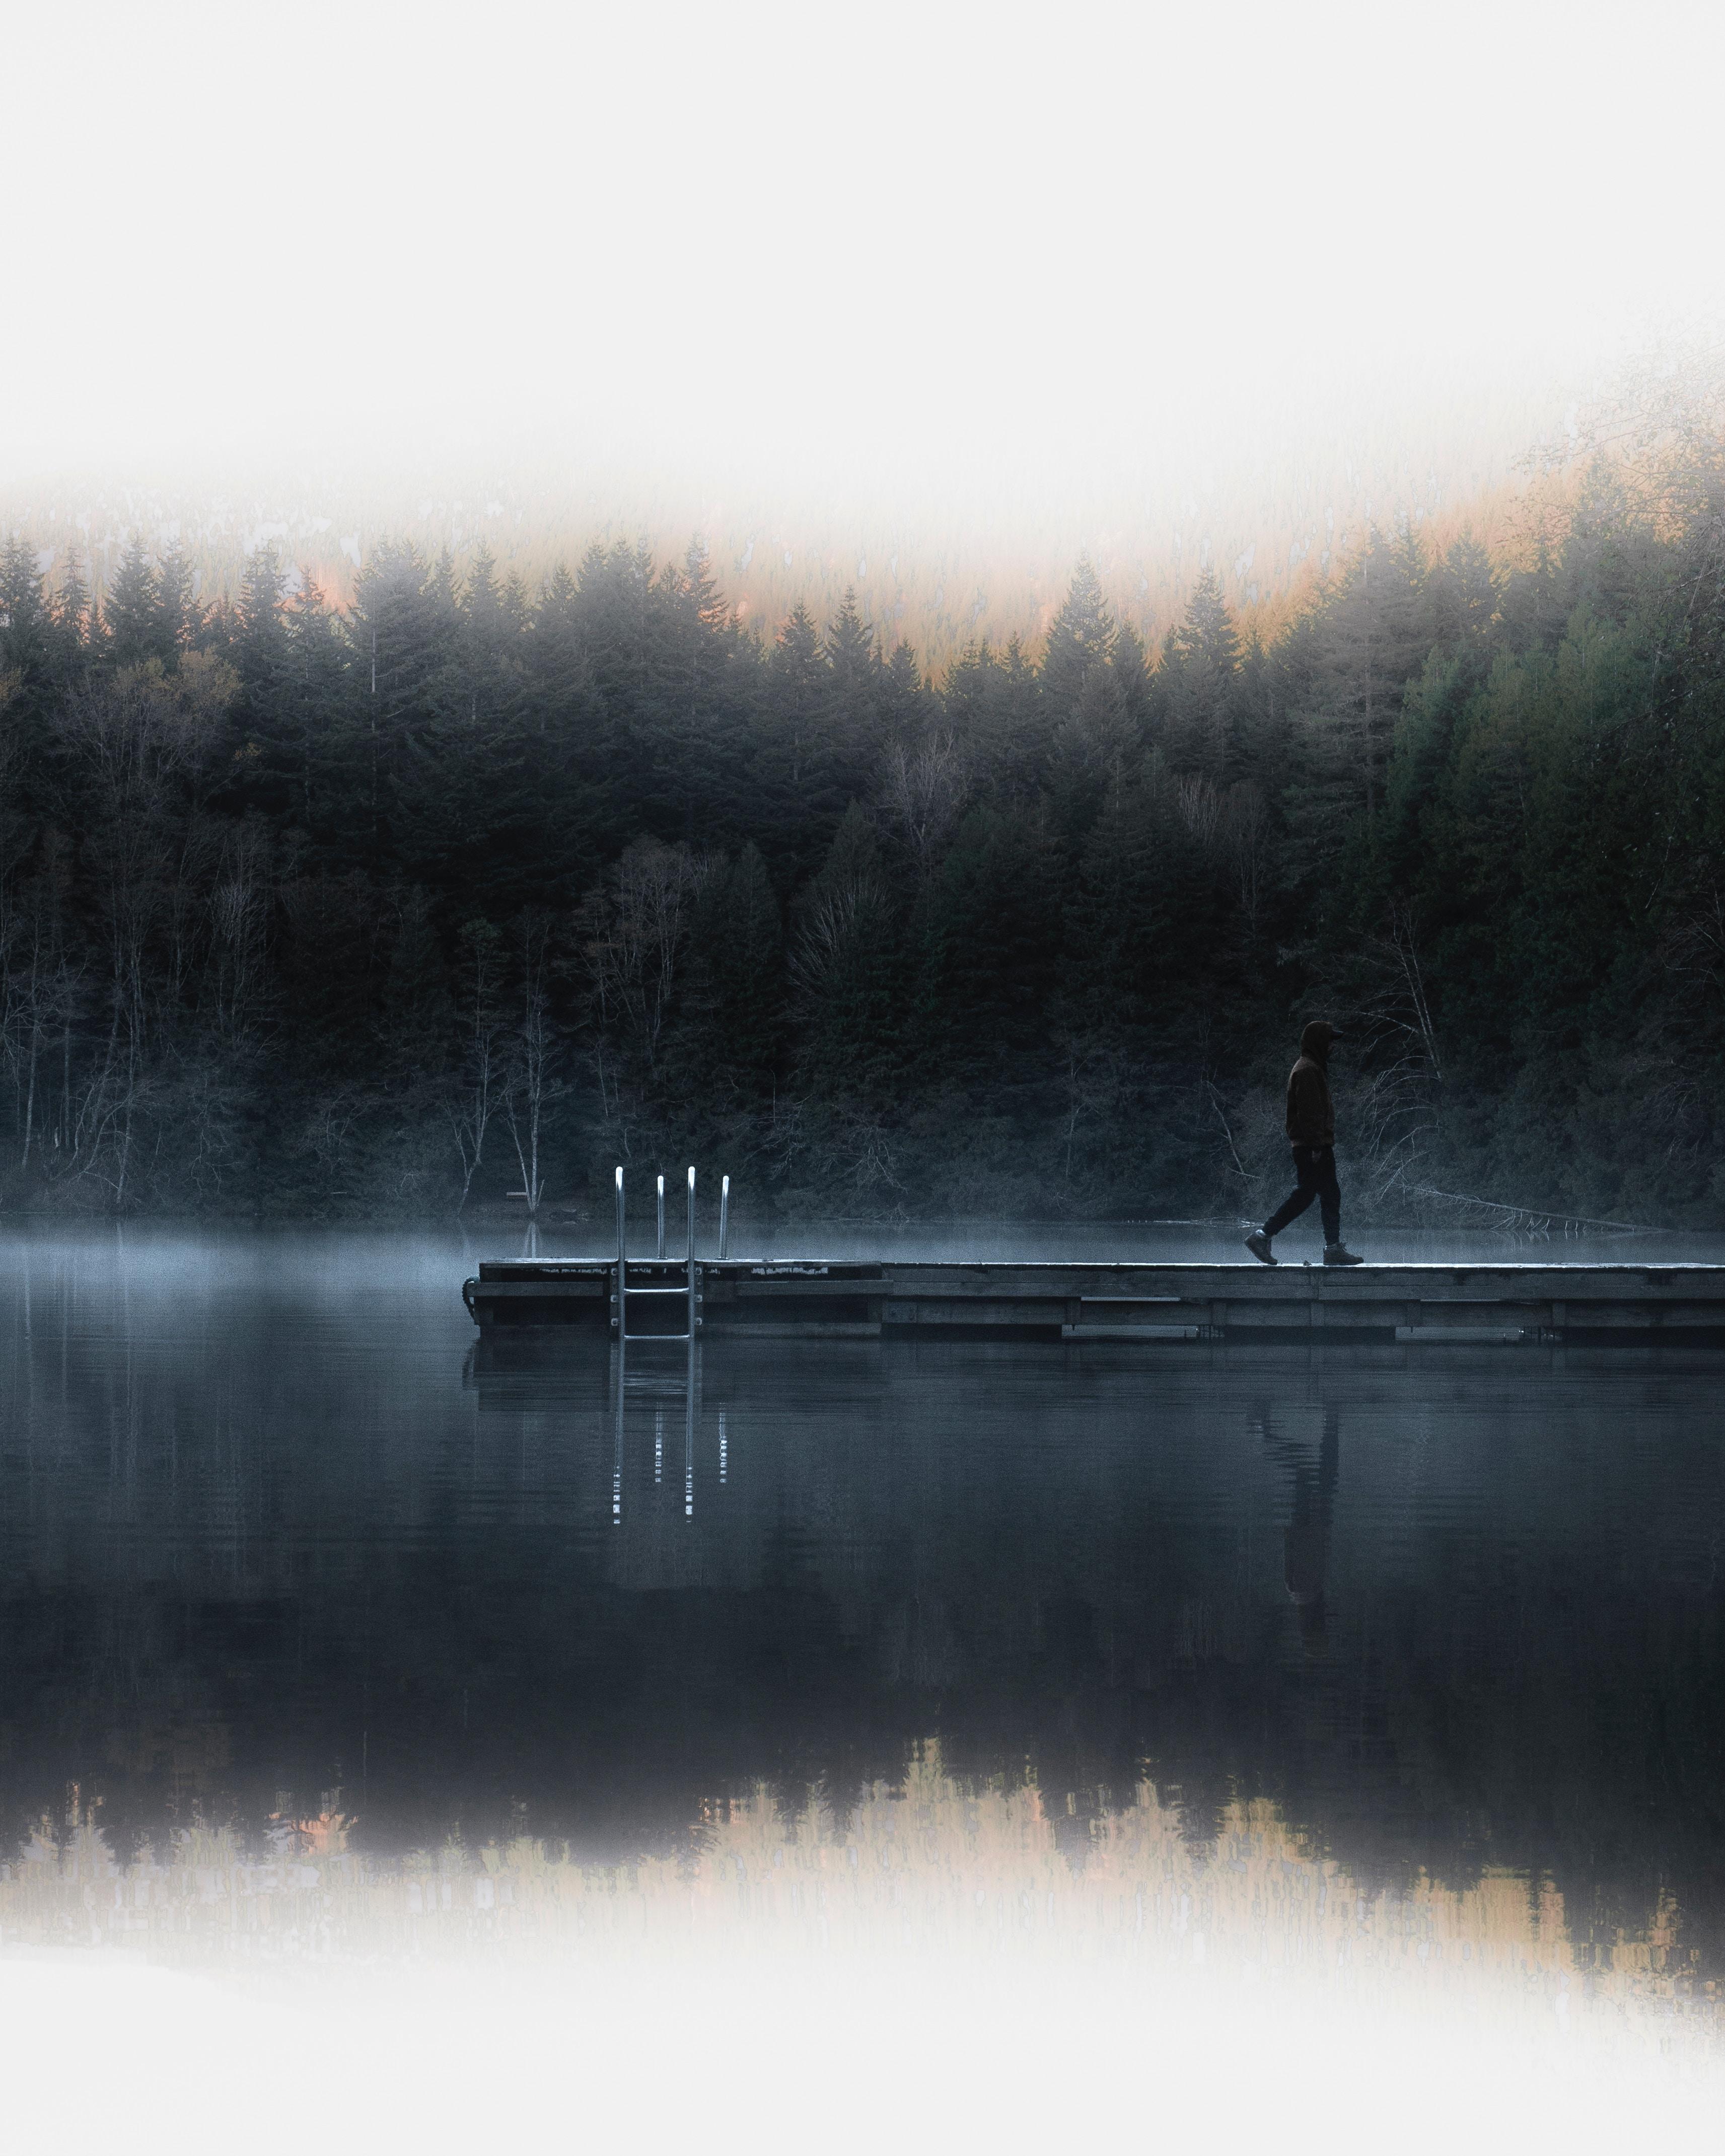 149183 Заставки и Обои Река на телефон. Скачать Река, Природа, Рассвет, Пирс, Туман, Одиночество картинки бесплатно